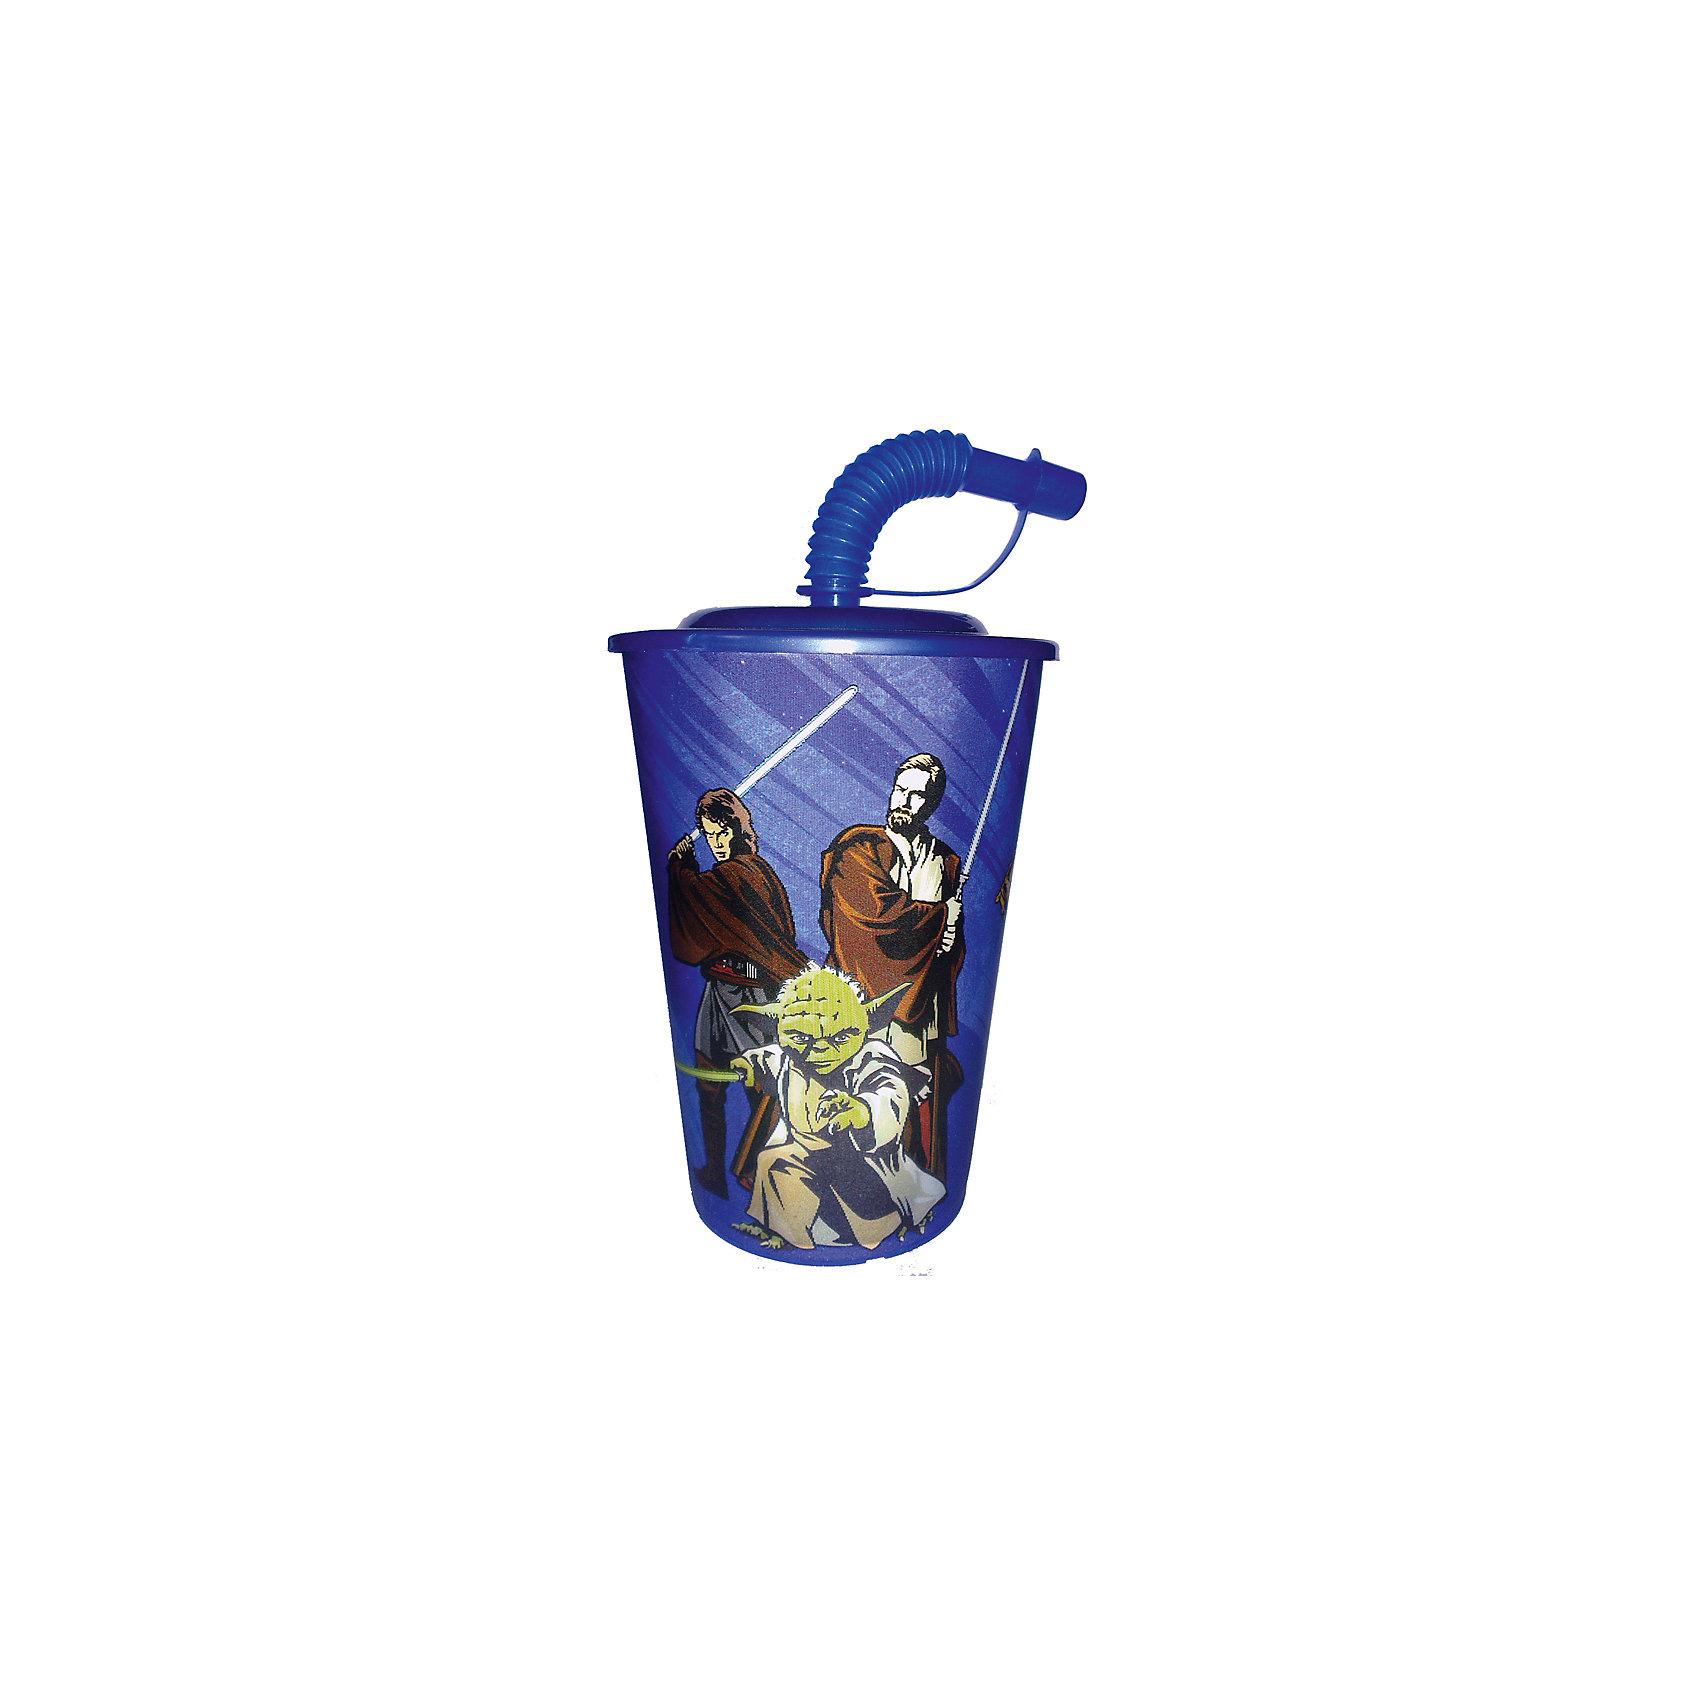 Синий бокал 450 мл Звёздные ВойныСиний бокал 450 мл Звёздные Войны - это отличный подарок для любого фаната знаменитой саги.<br>Бокал Звёздные Войны выполнен из полипропилена и оформлен с изображением героев саги. Бокал плотно закрывается крышкой с отверстием в центре для трубочки. Кончик гофрированной трубочки плотно закрывается, что исключает попадание пыли и грязи в содержимое стакана и предотвращает проливание жидкости. Не подходит для использования в посудомоечной машине и СВЧ-печи.<br><br>Дополнительная информация:<br><br>- Объем: 450 мл.<br>- Материал: полипропилен<br>- Цвет: синий<br>- Размер упаковки: 9х9х17 см.<br><br>Синий бокал 450 мл Звёздные Войны можно купить в нашем интернет-магазине.<br><br>Ширина мм: 90<br>Глубина мм: 90<br>Высота мм: 170<br>Вес г: 5<br>Возраст от месяцев: 36<br>Возраст до месяцев: 144<br>Пол: Унисекс<br>Возраст: Детский<br>SKU: 4603856